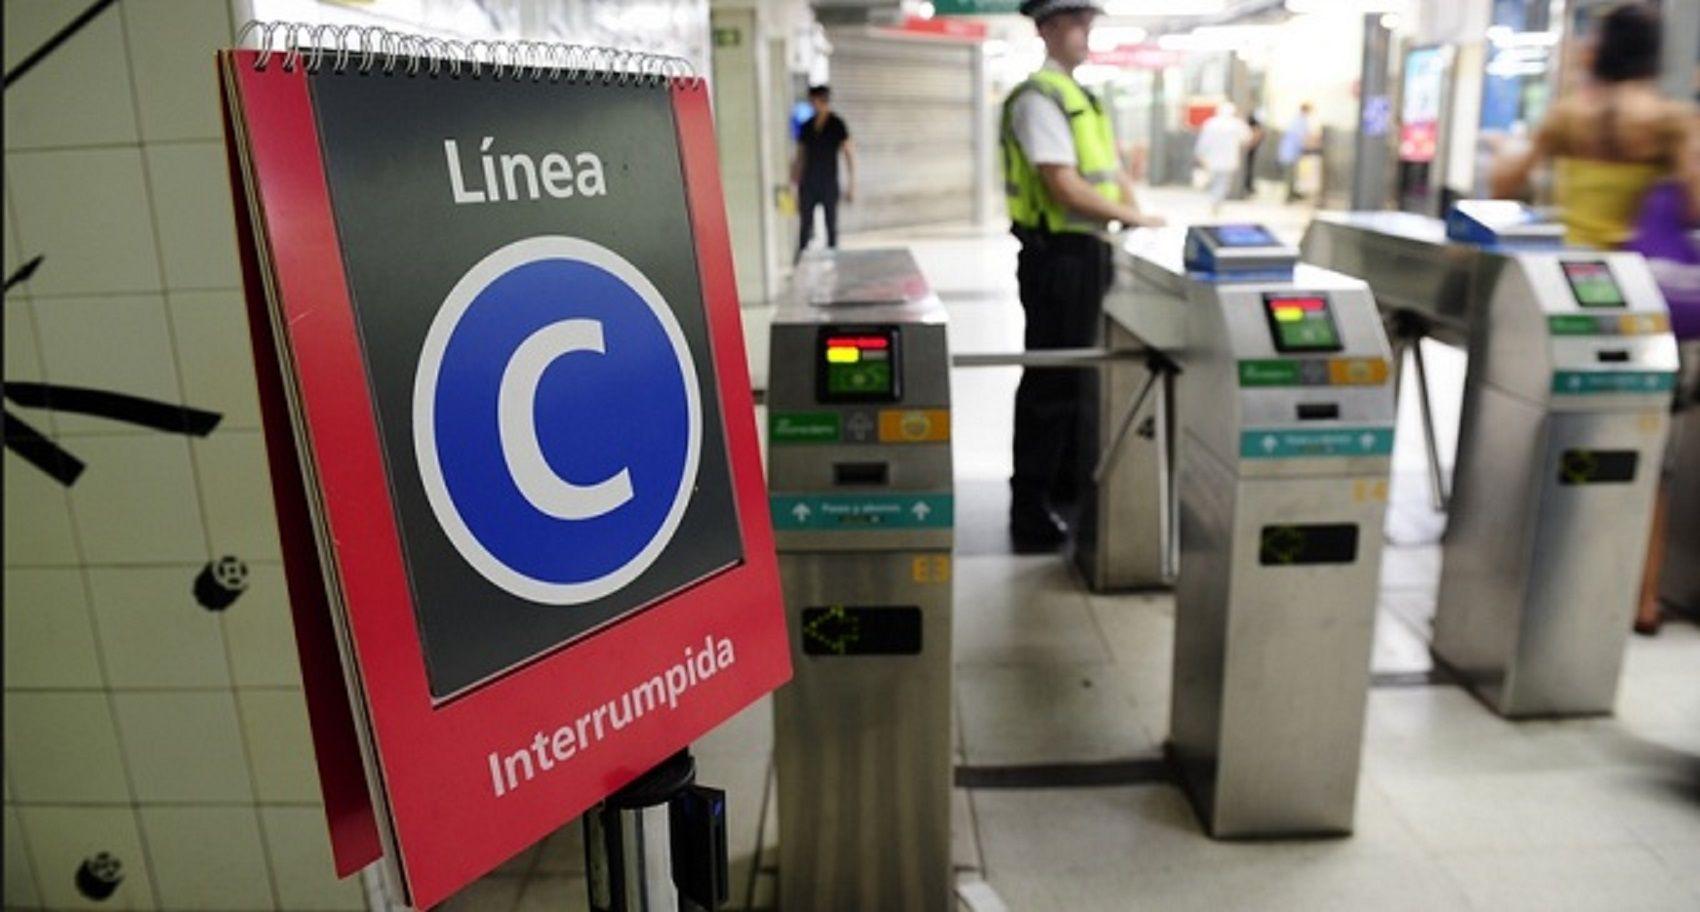 Viernes complicado para viajar: no funciona la línea C de subte